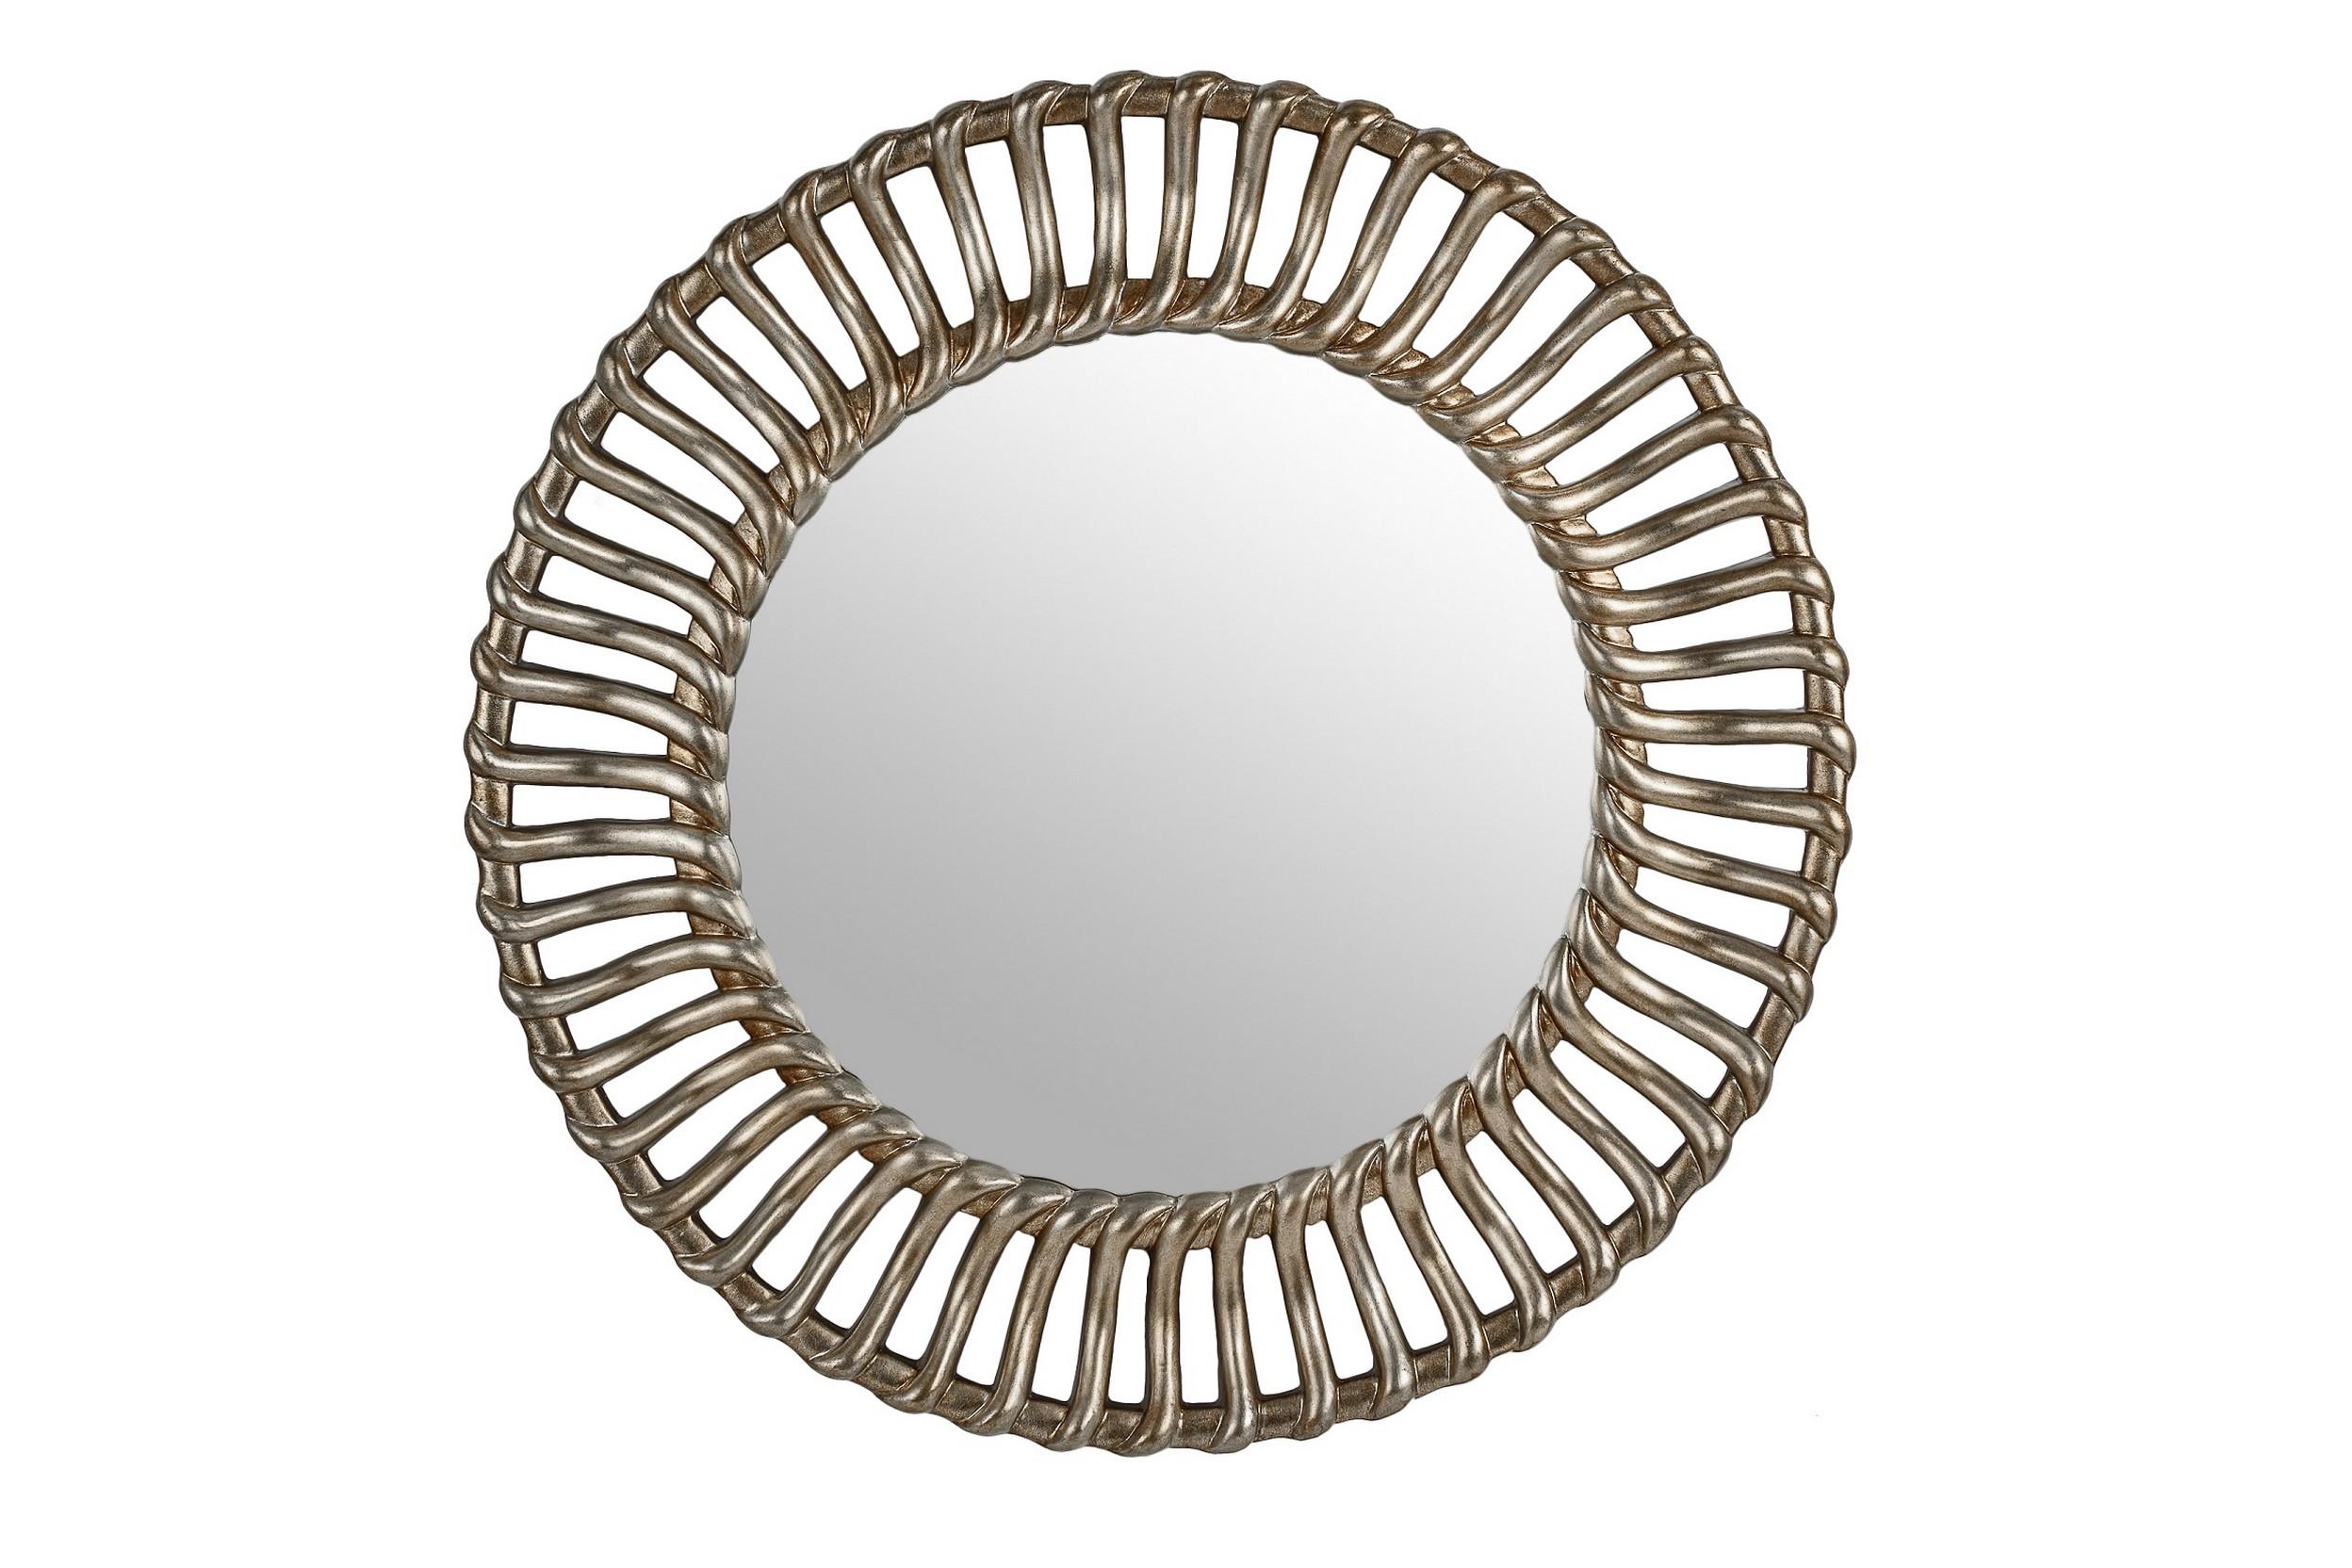 """Зеркало BraidНастенные зеркала<br>Большое - более метра в диаметре - зеркало в массивной раме теплого оттенка """"серебро шампань"""". Зеркало подойдет для интерьера гостиной, прихожей или спальни, оформленной в стиле ар-деко или эклектика.<br><br>Цвет: cеребро шампань<br>Материал: полиуретан<br><br>Material: Стекло<br>Length см: None<br>Width см: None<br>Depth см: None<br>Height см: None<br>Diameter см: 105.0"""